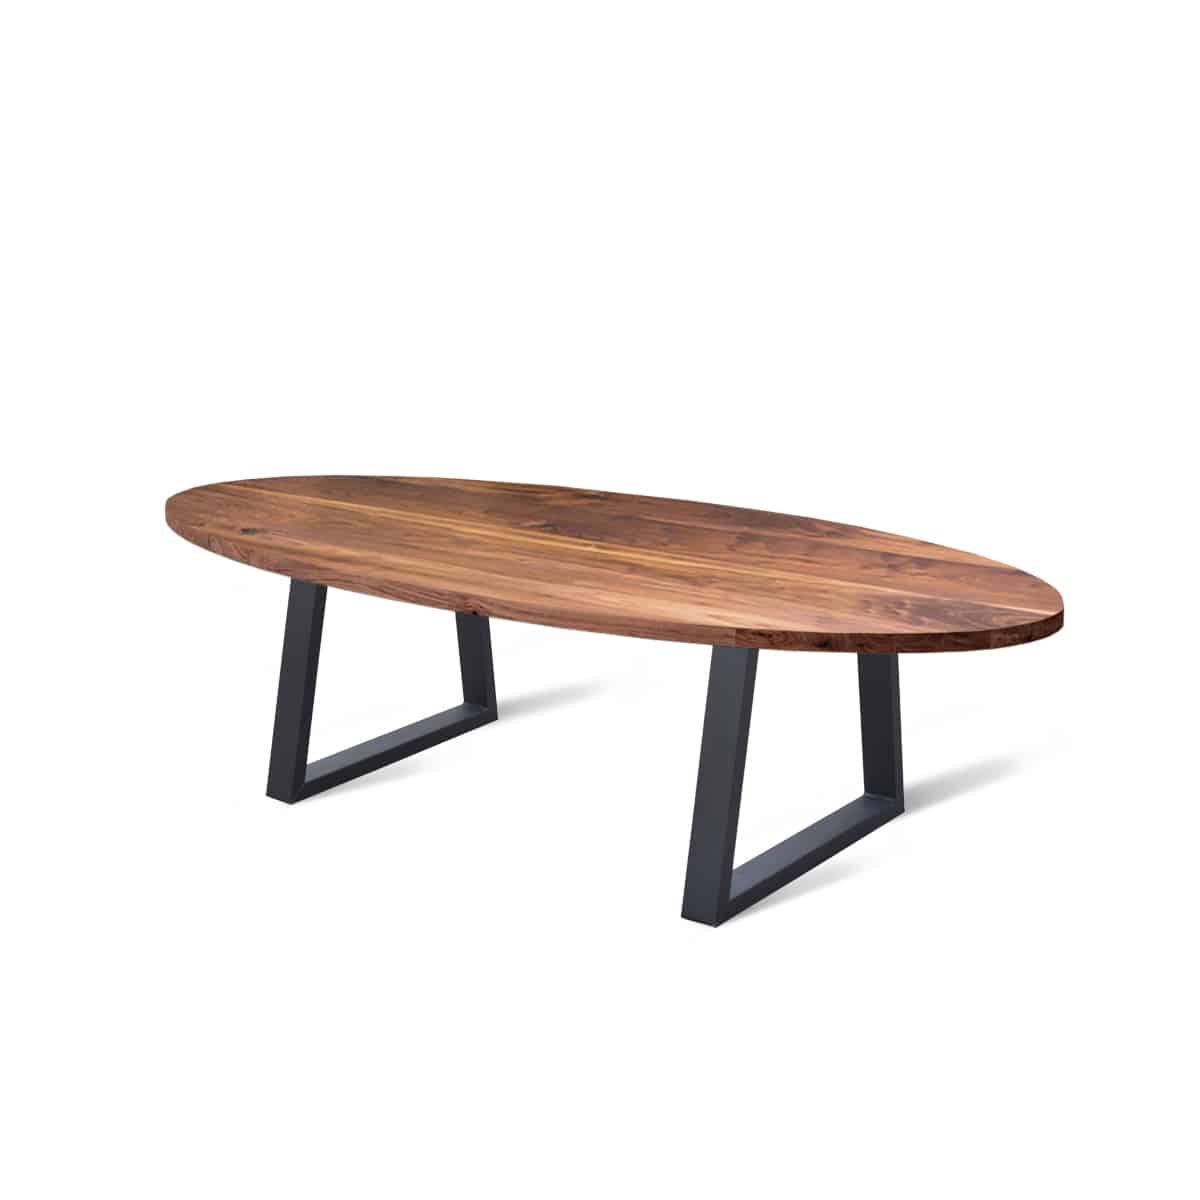 ovale ovaal industriele massief walnoten noten houten eetkamer keuken tafel